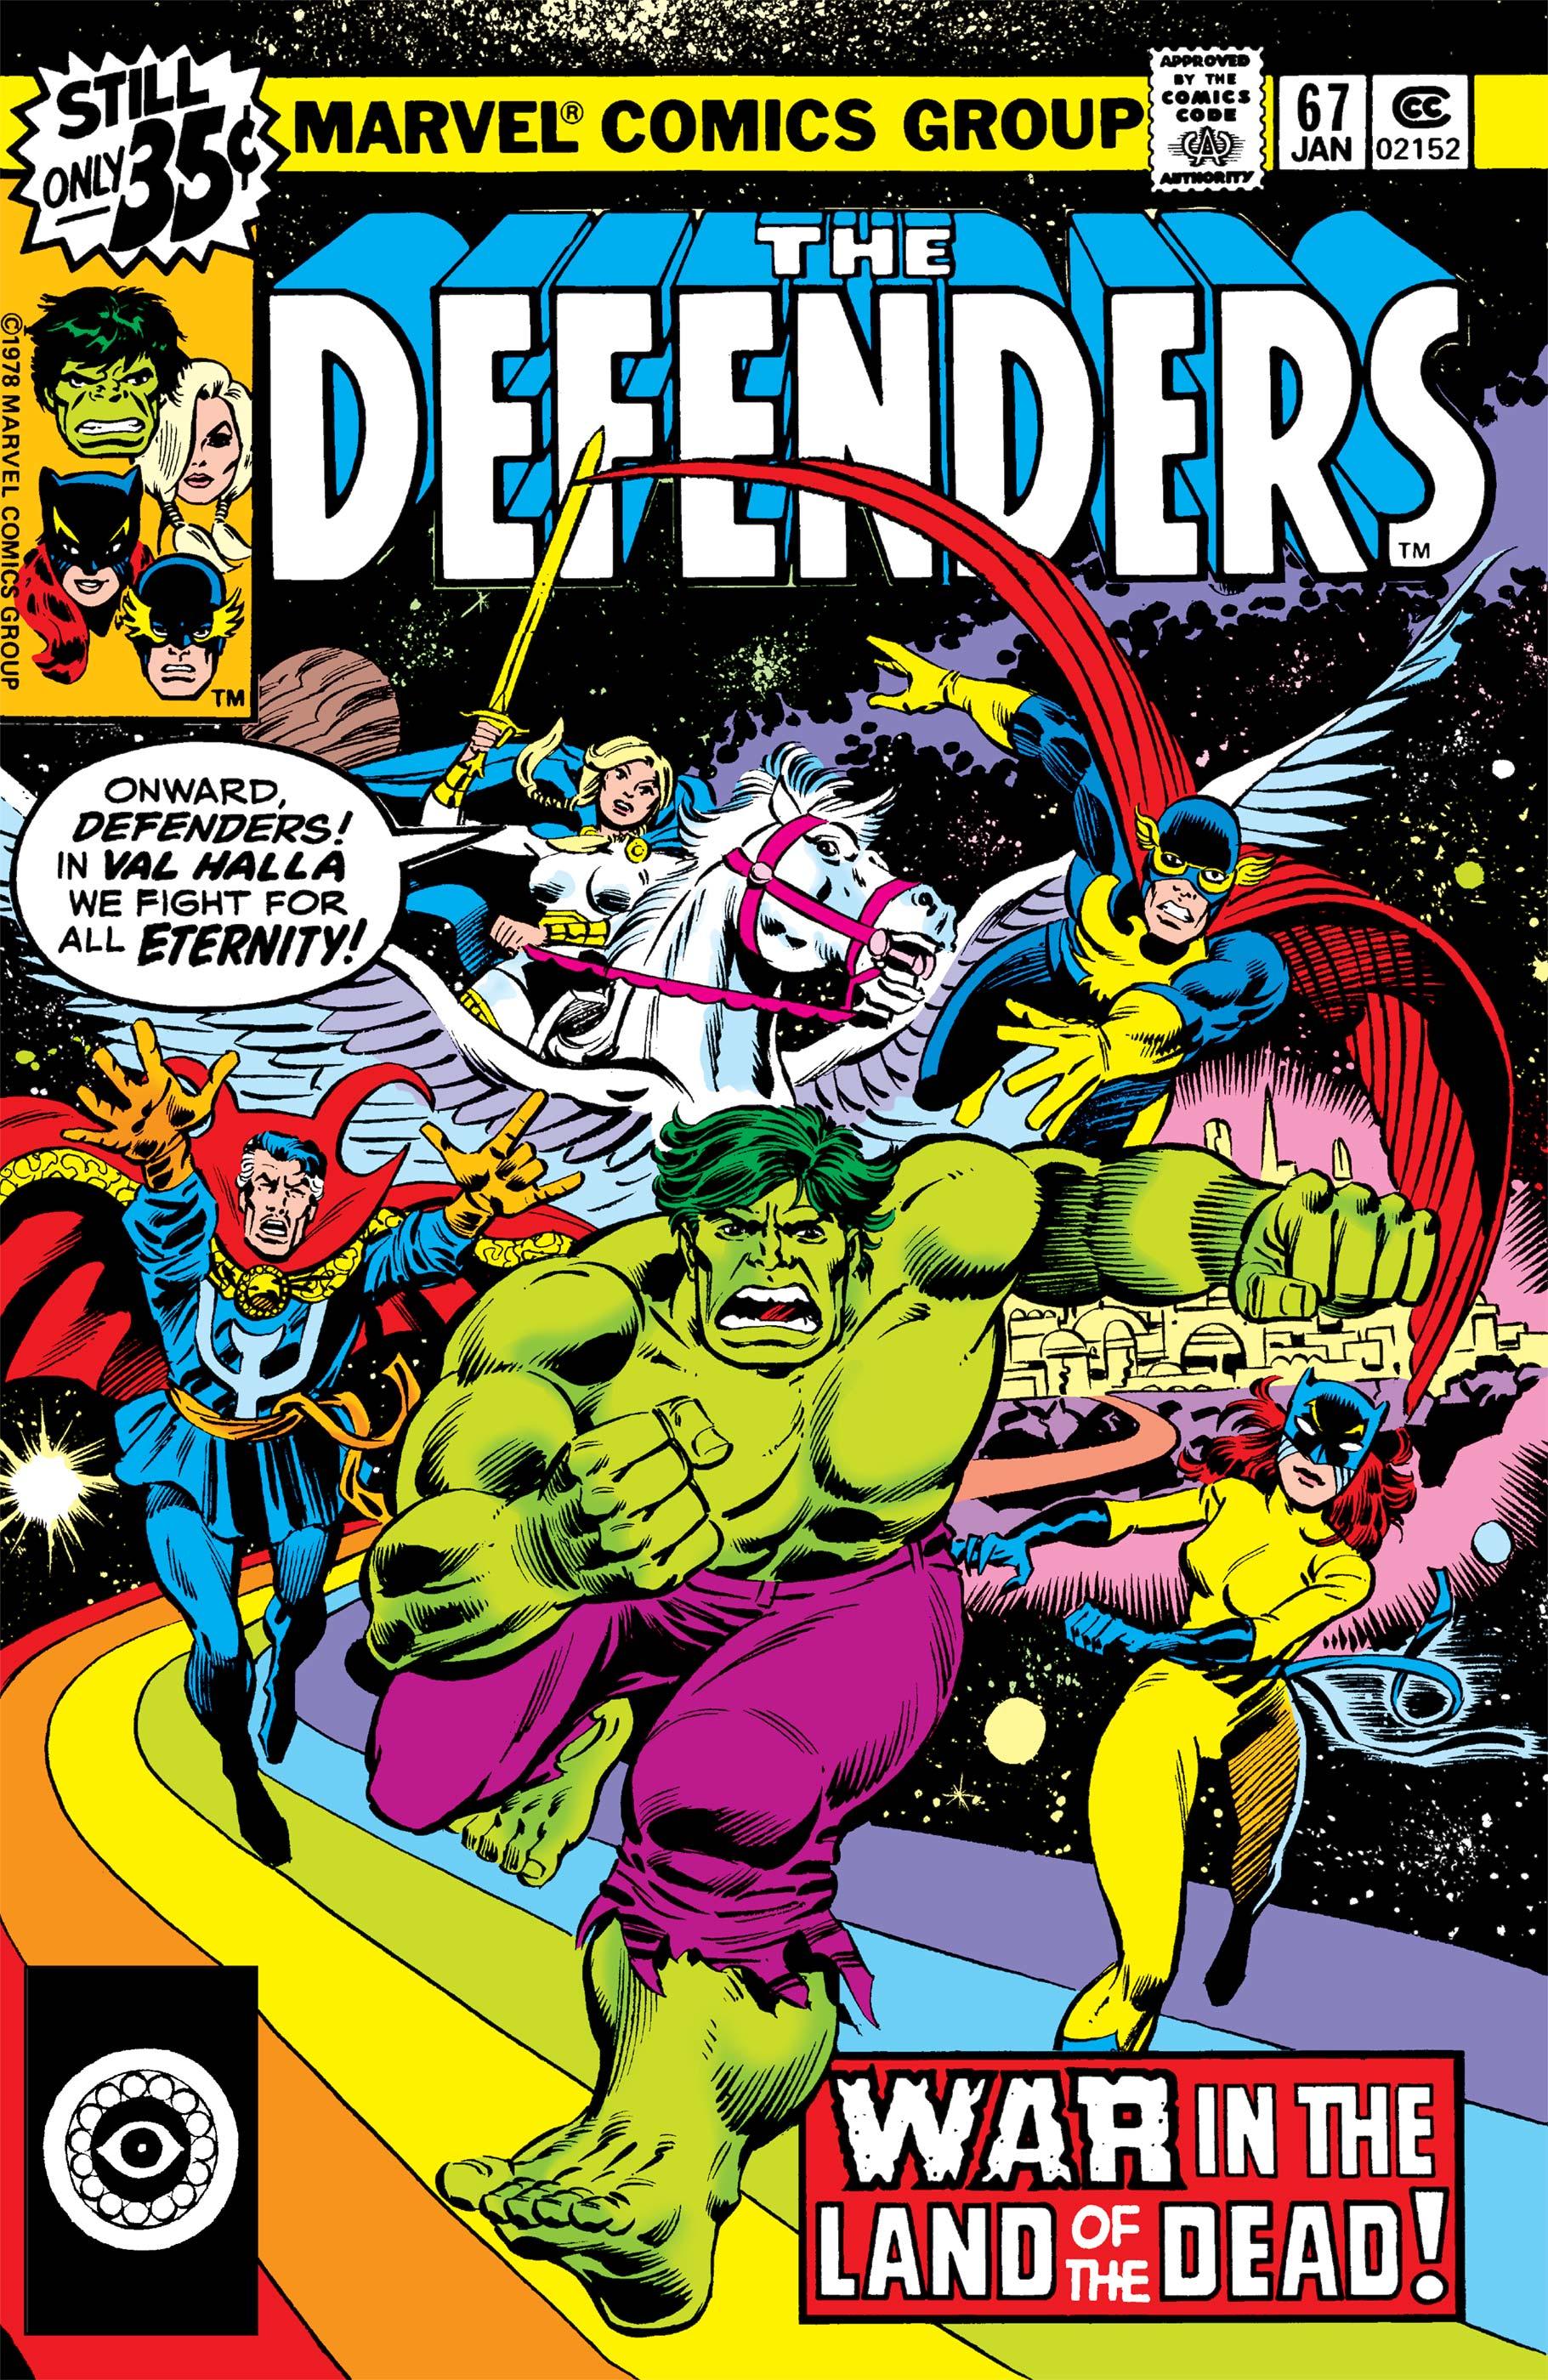 Defenders (1972) #67